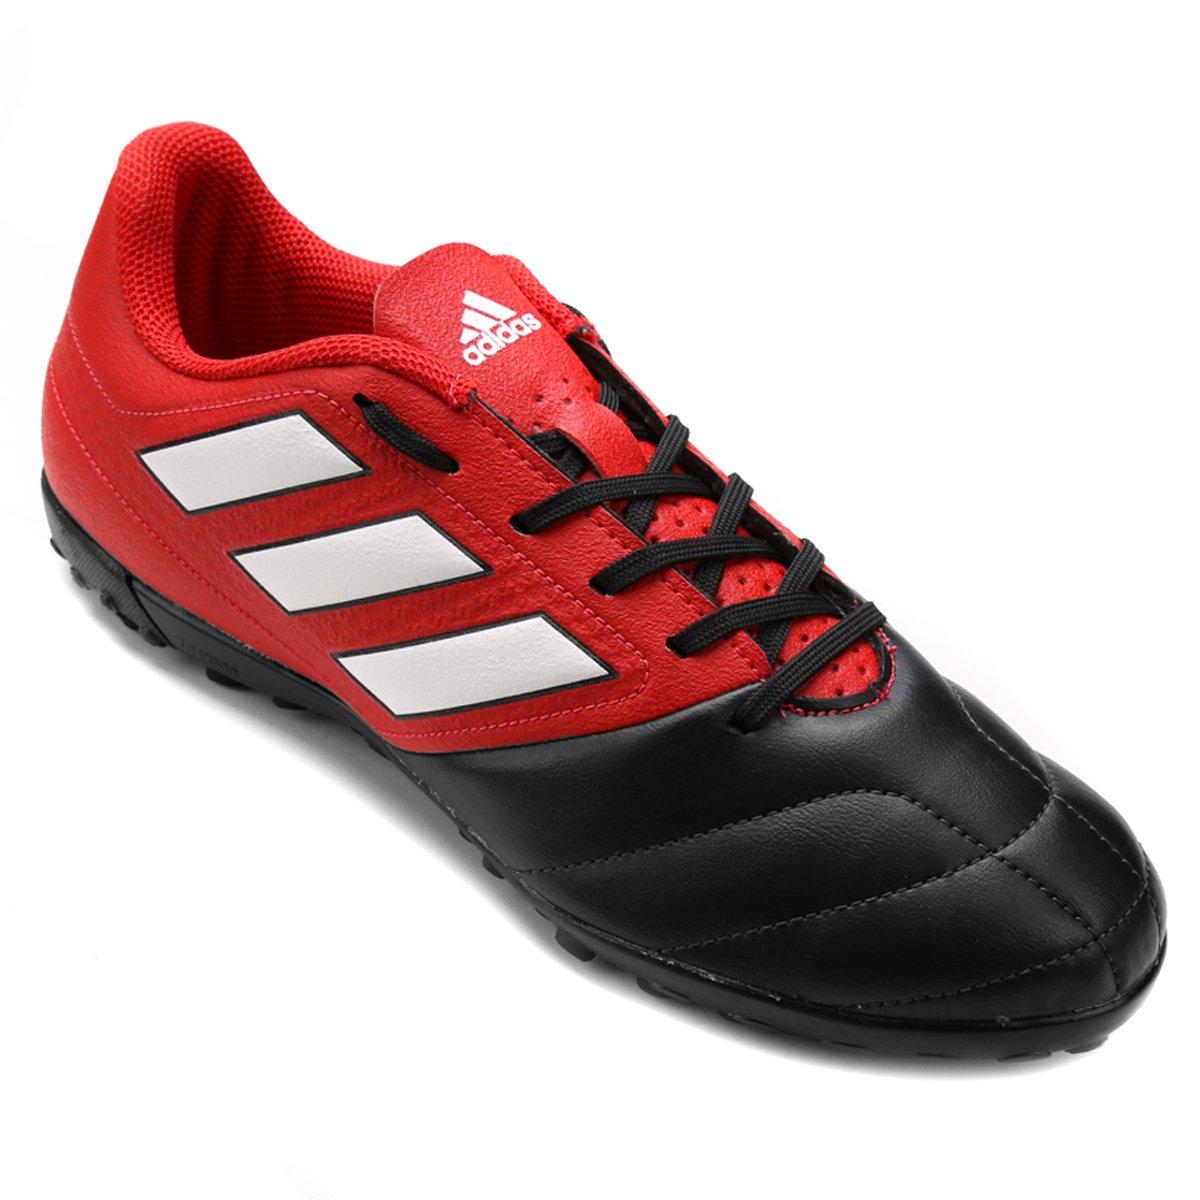 4820b1d3d Chuteira Society Adidas Ace 17.4 TF Masculina - Vermelho e Preto - Compre  Agora